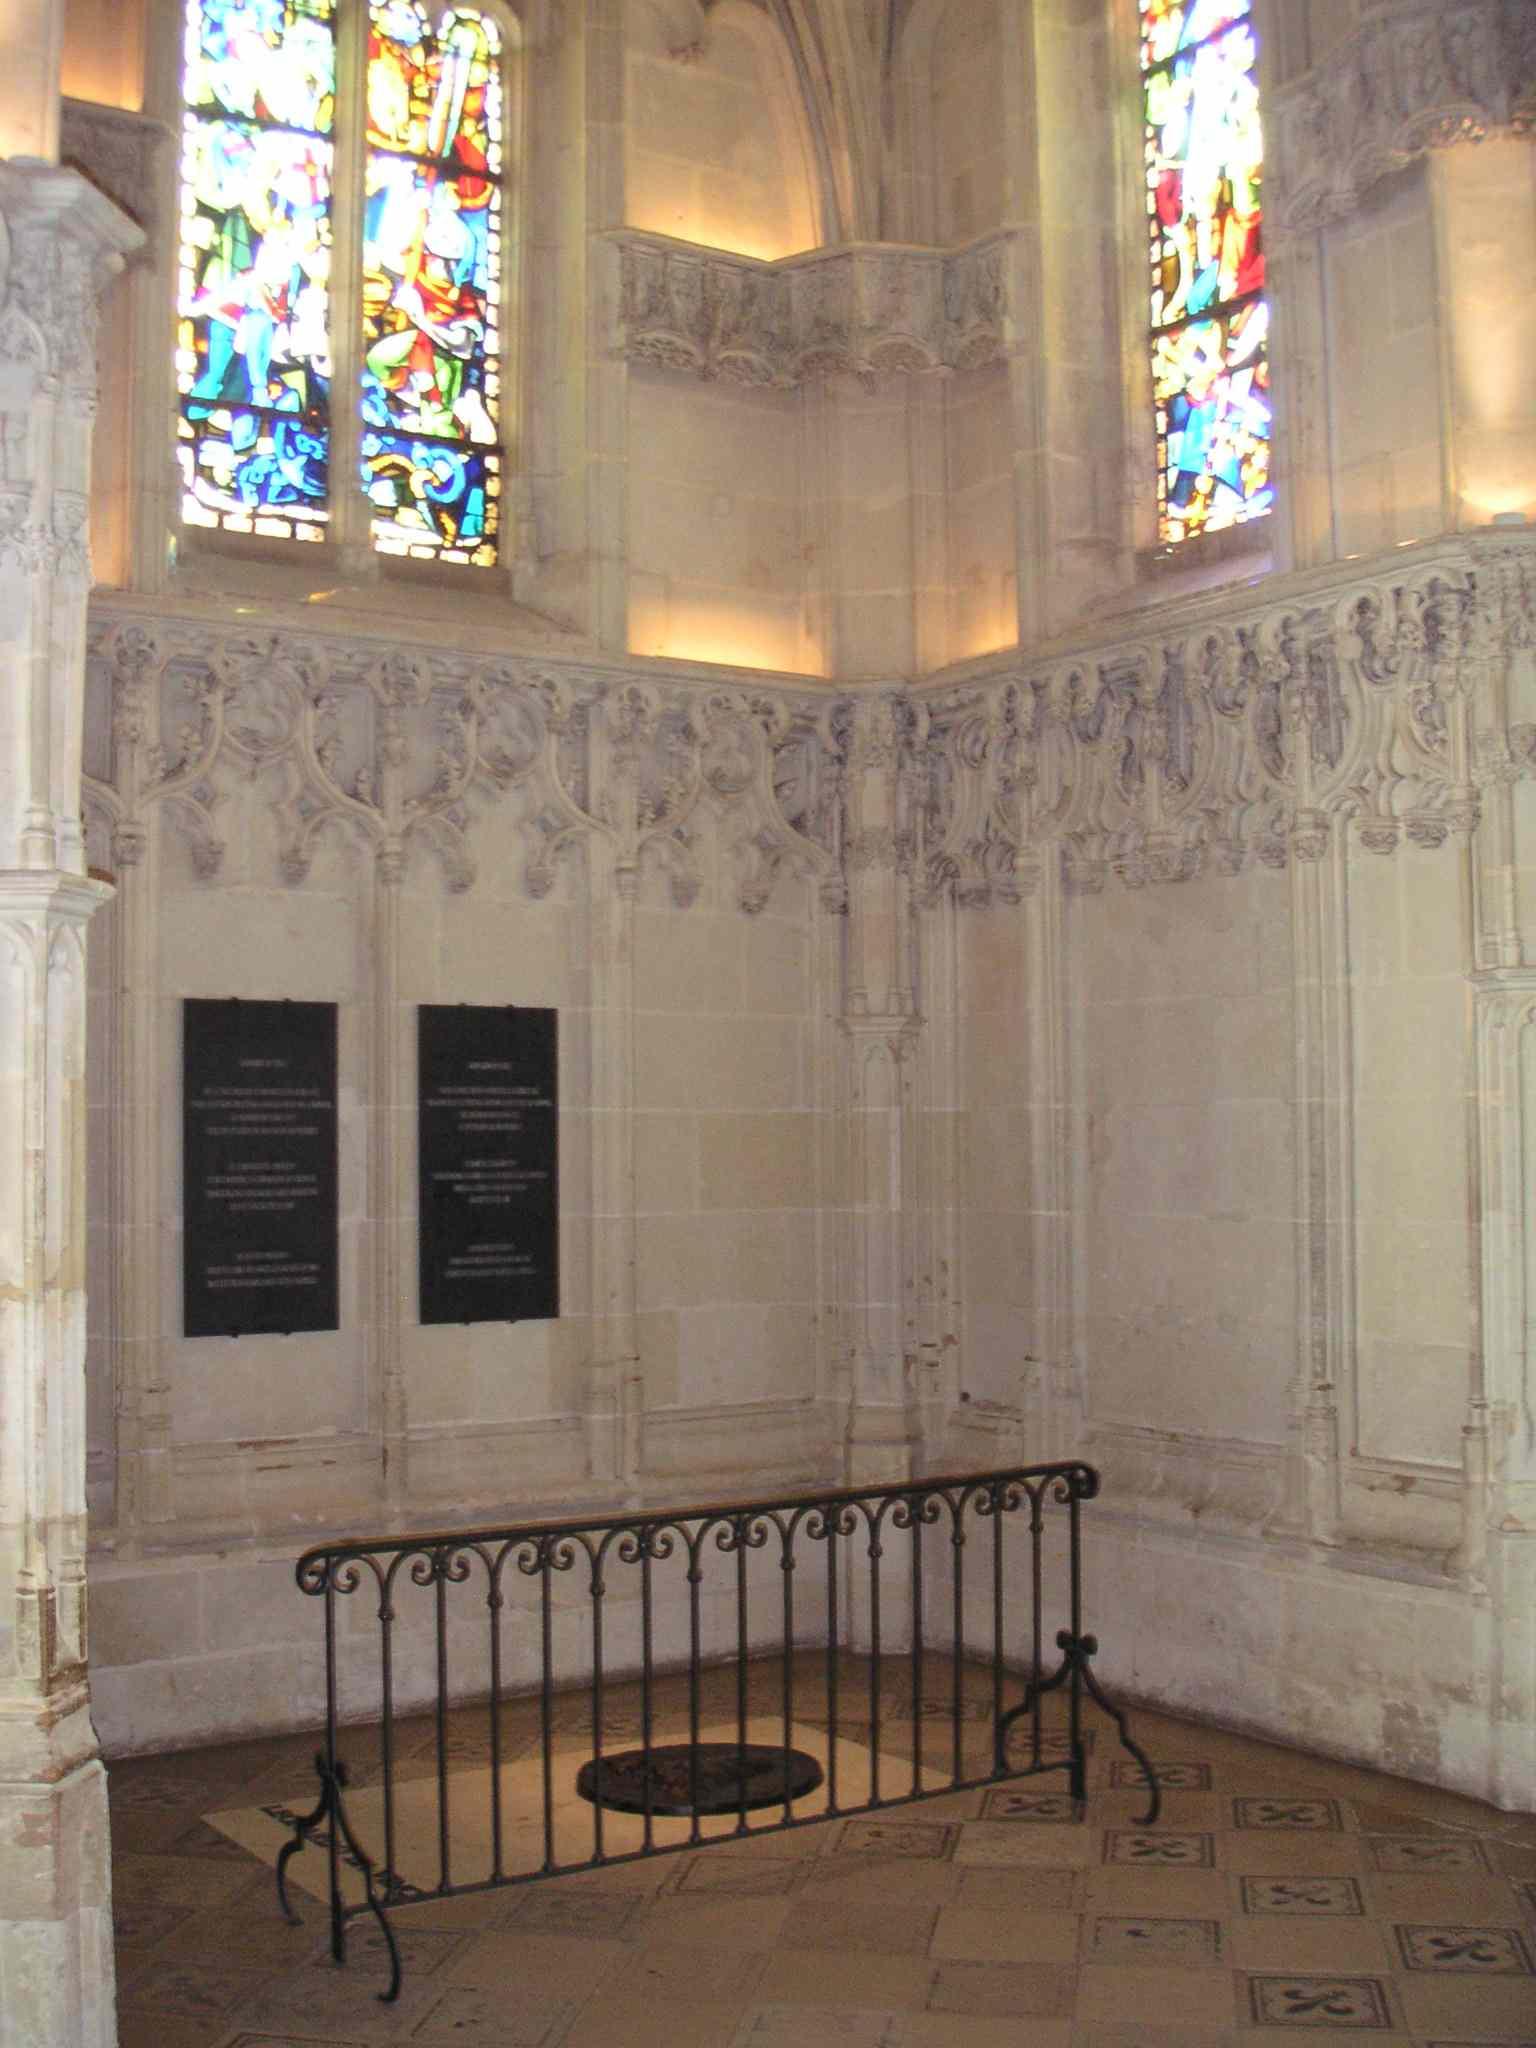 Tomb of Leonardo Da Vinci